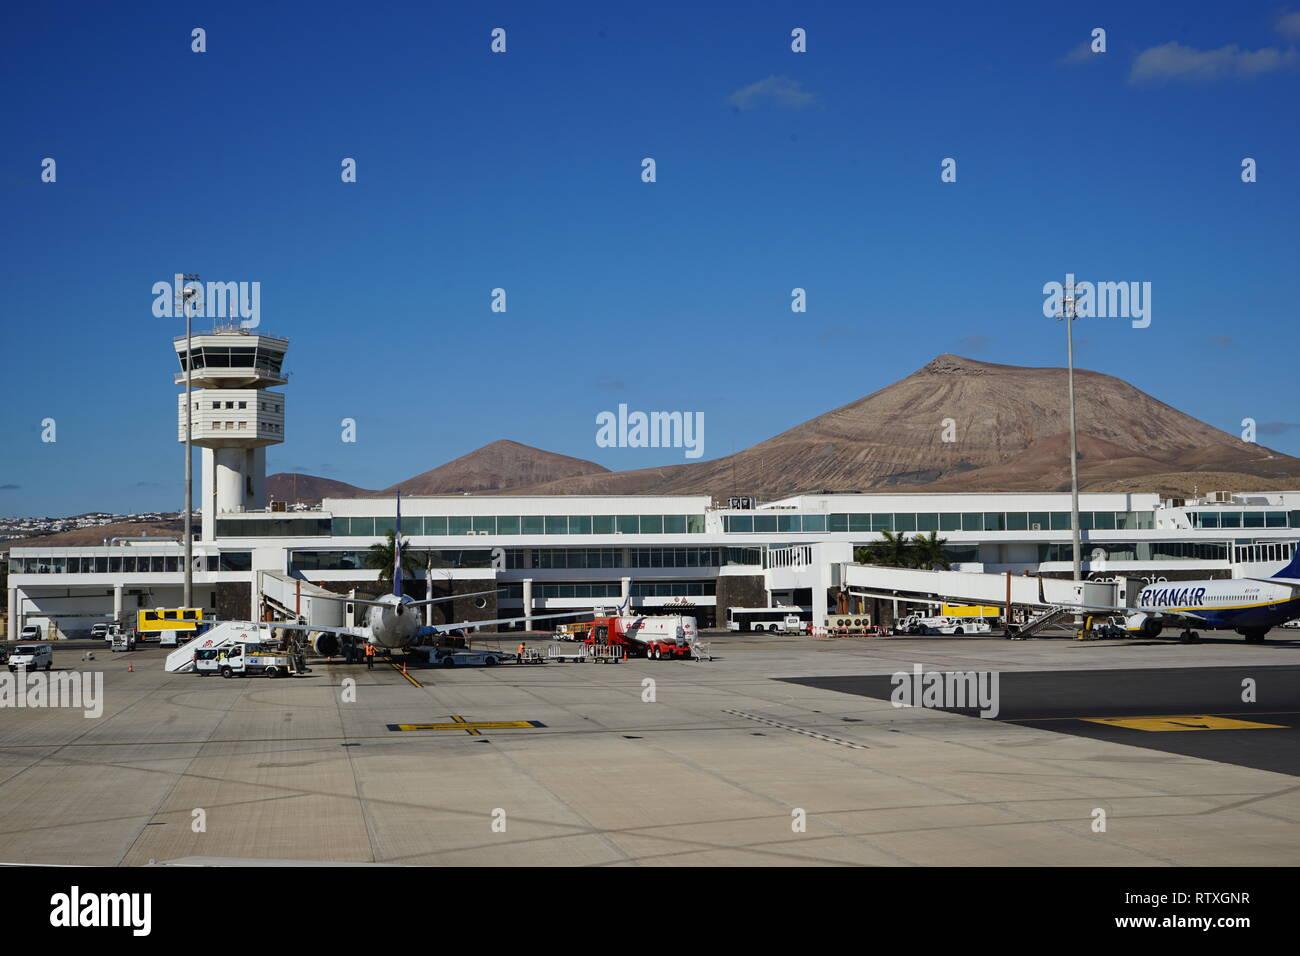 Flughafen Arrecife, Lanzarote, Kanarische Inseln, Spanien Stockbild